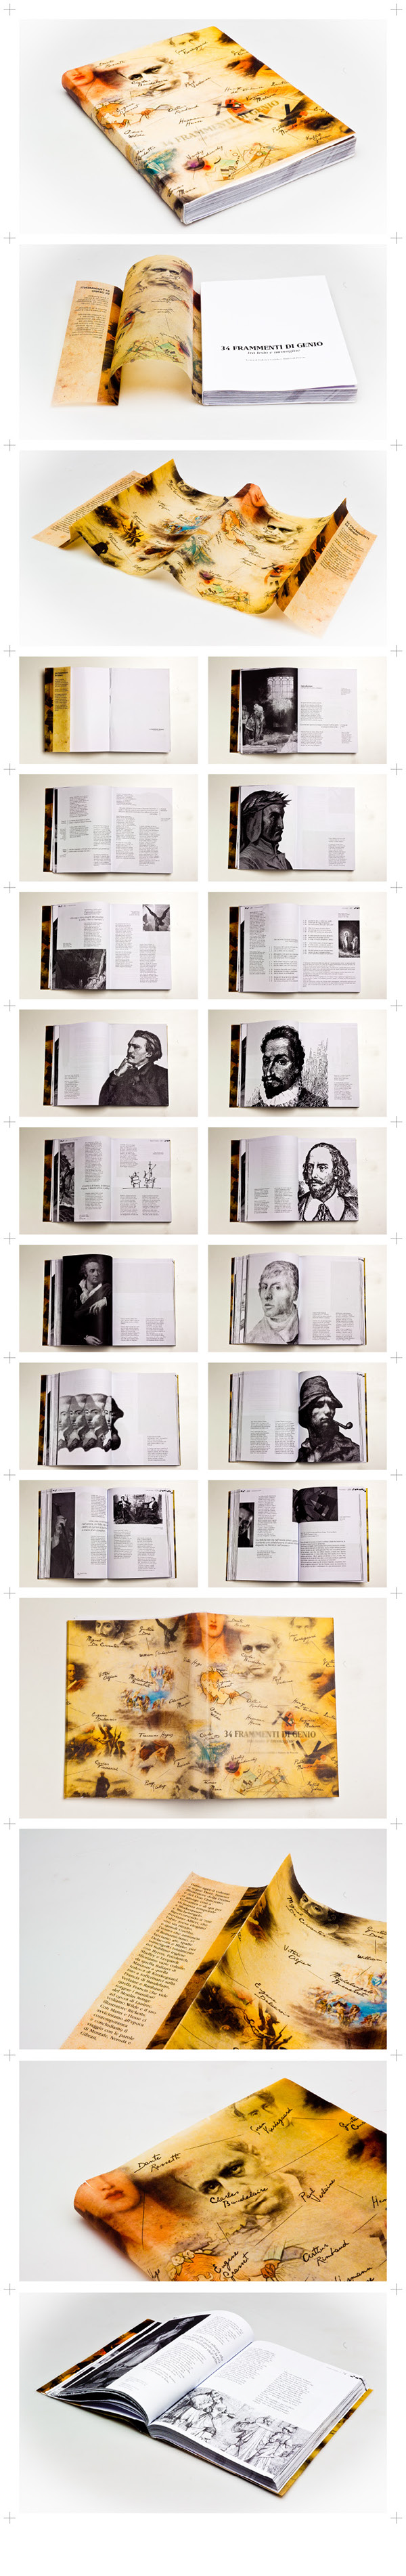 editorial paper art artist book